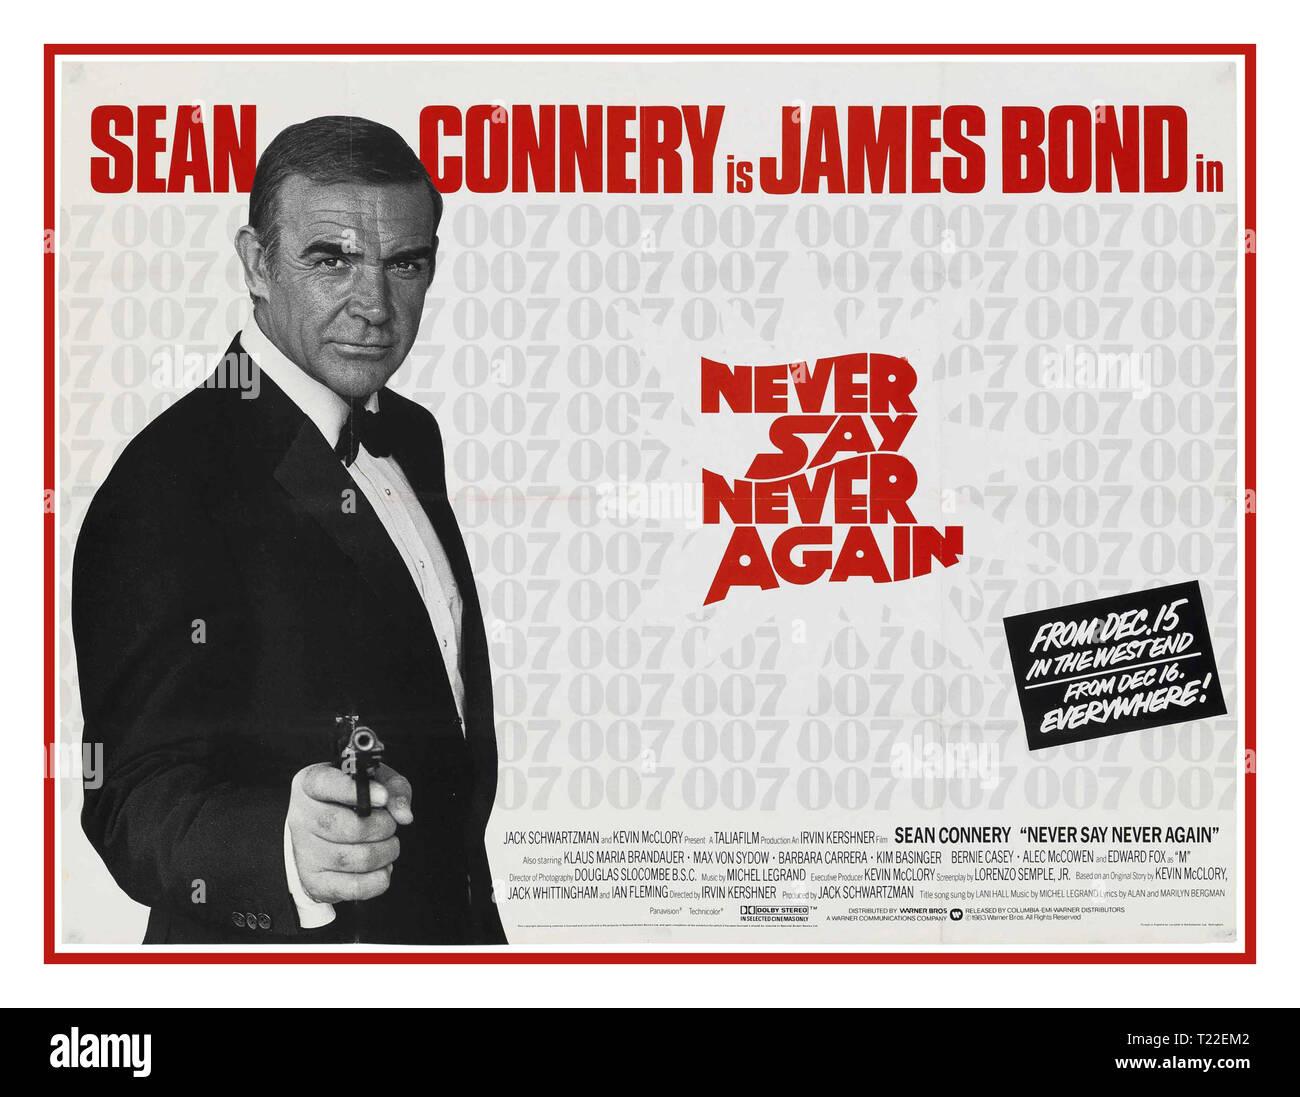 Vintage poster James Bond film 1983 NE JAMAIS DIRE JAMAIS ENCORE Sean Connery est James Bond 007 dans Never Say Never Again Movie Poster James Bond ' M' (Edward Fox) British Intelligence espion. Spectre états Fatima Bush (Barbara Carrera) Spectre de l'espionnage. Date de sortie 15 Décembre 1983 Photo Stock